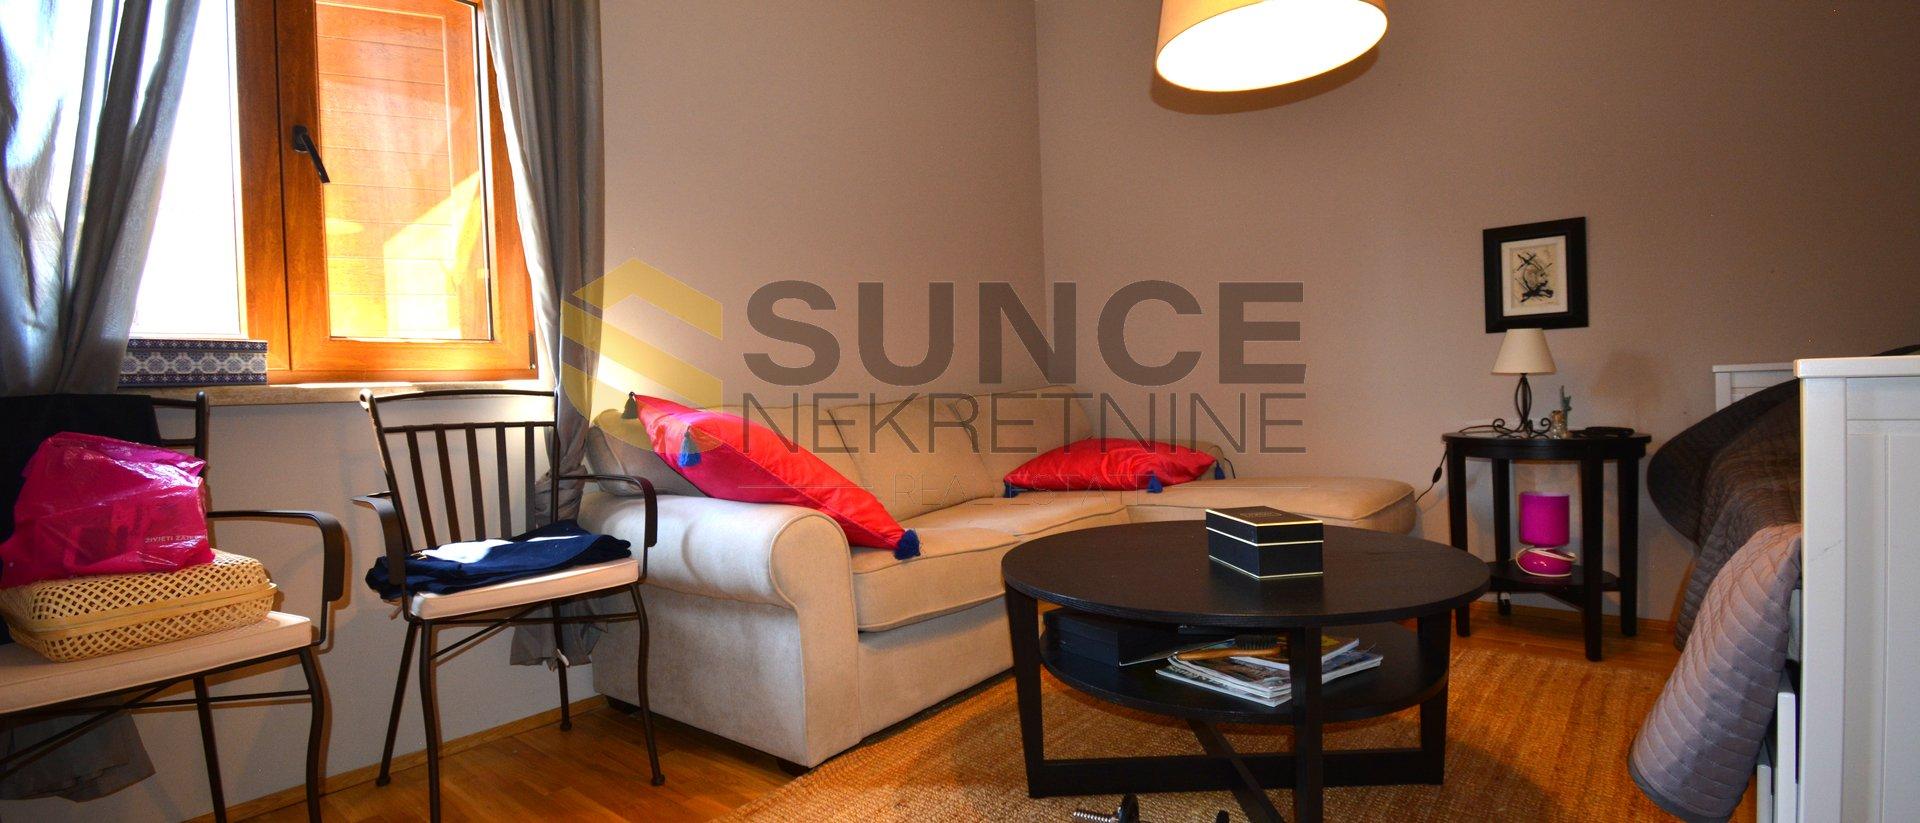 Otok KRK,   Malinska, lijepo uređen apartman od 84m2 na dvije eteže, 300 m od mora!